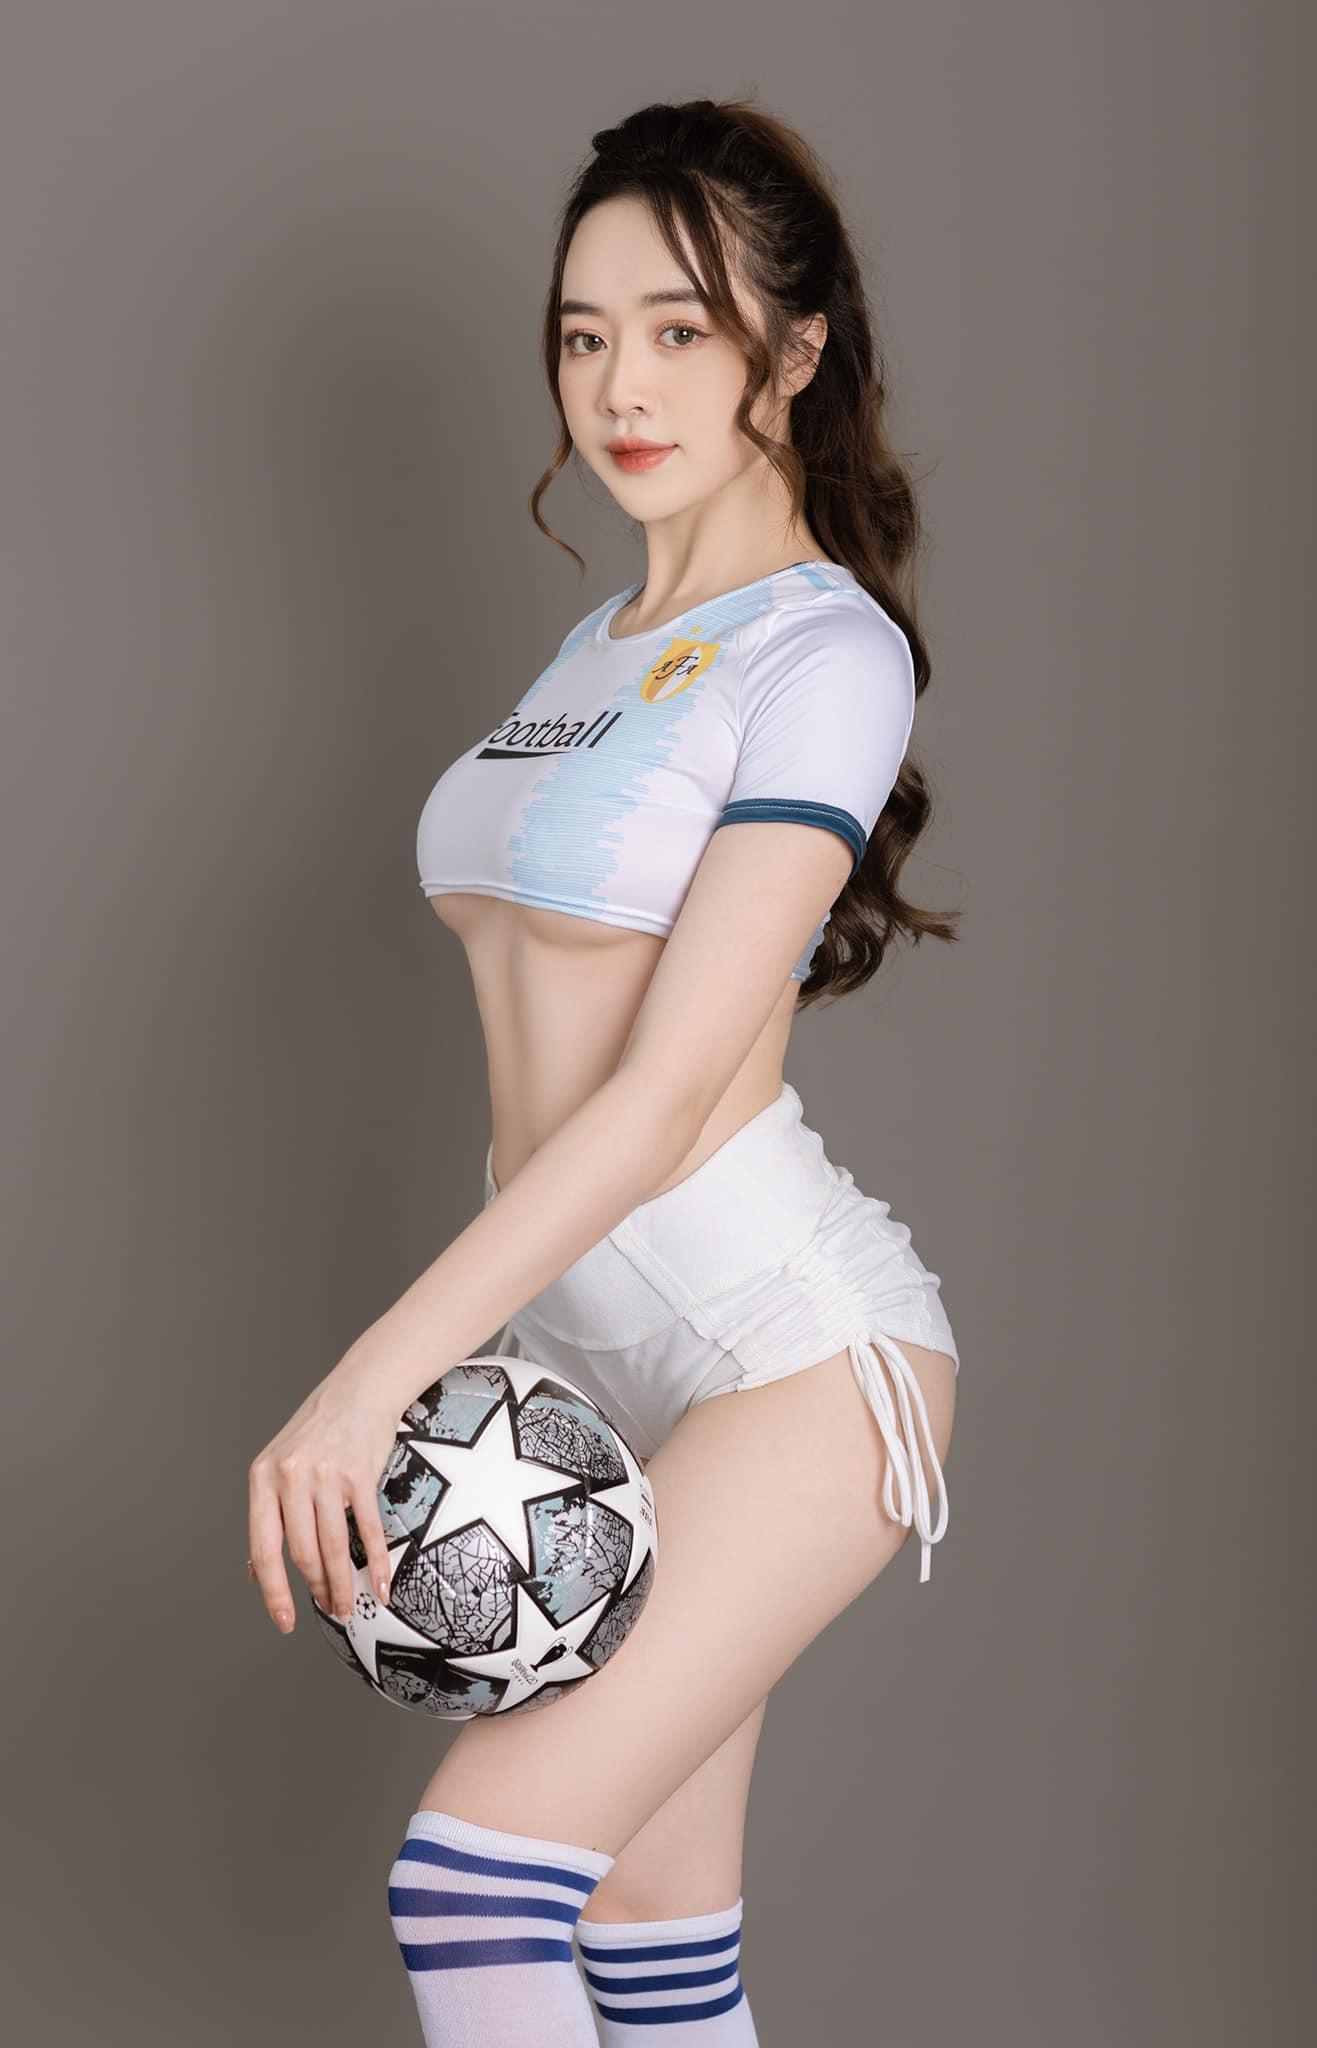 """Người mẫu Quảng Ninh mặc trang phục ủng hộ Euro """"gây sốt"""""""